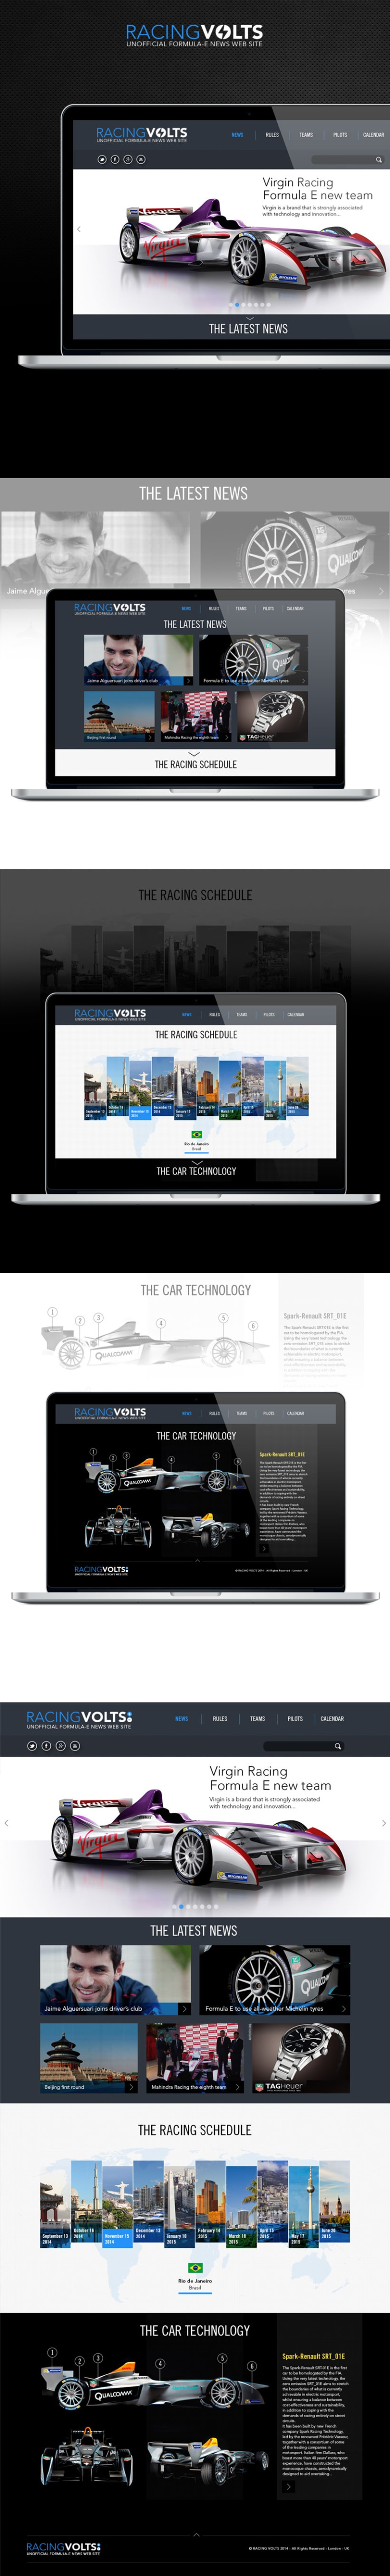 Racing Volts 1